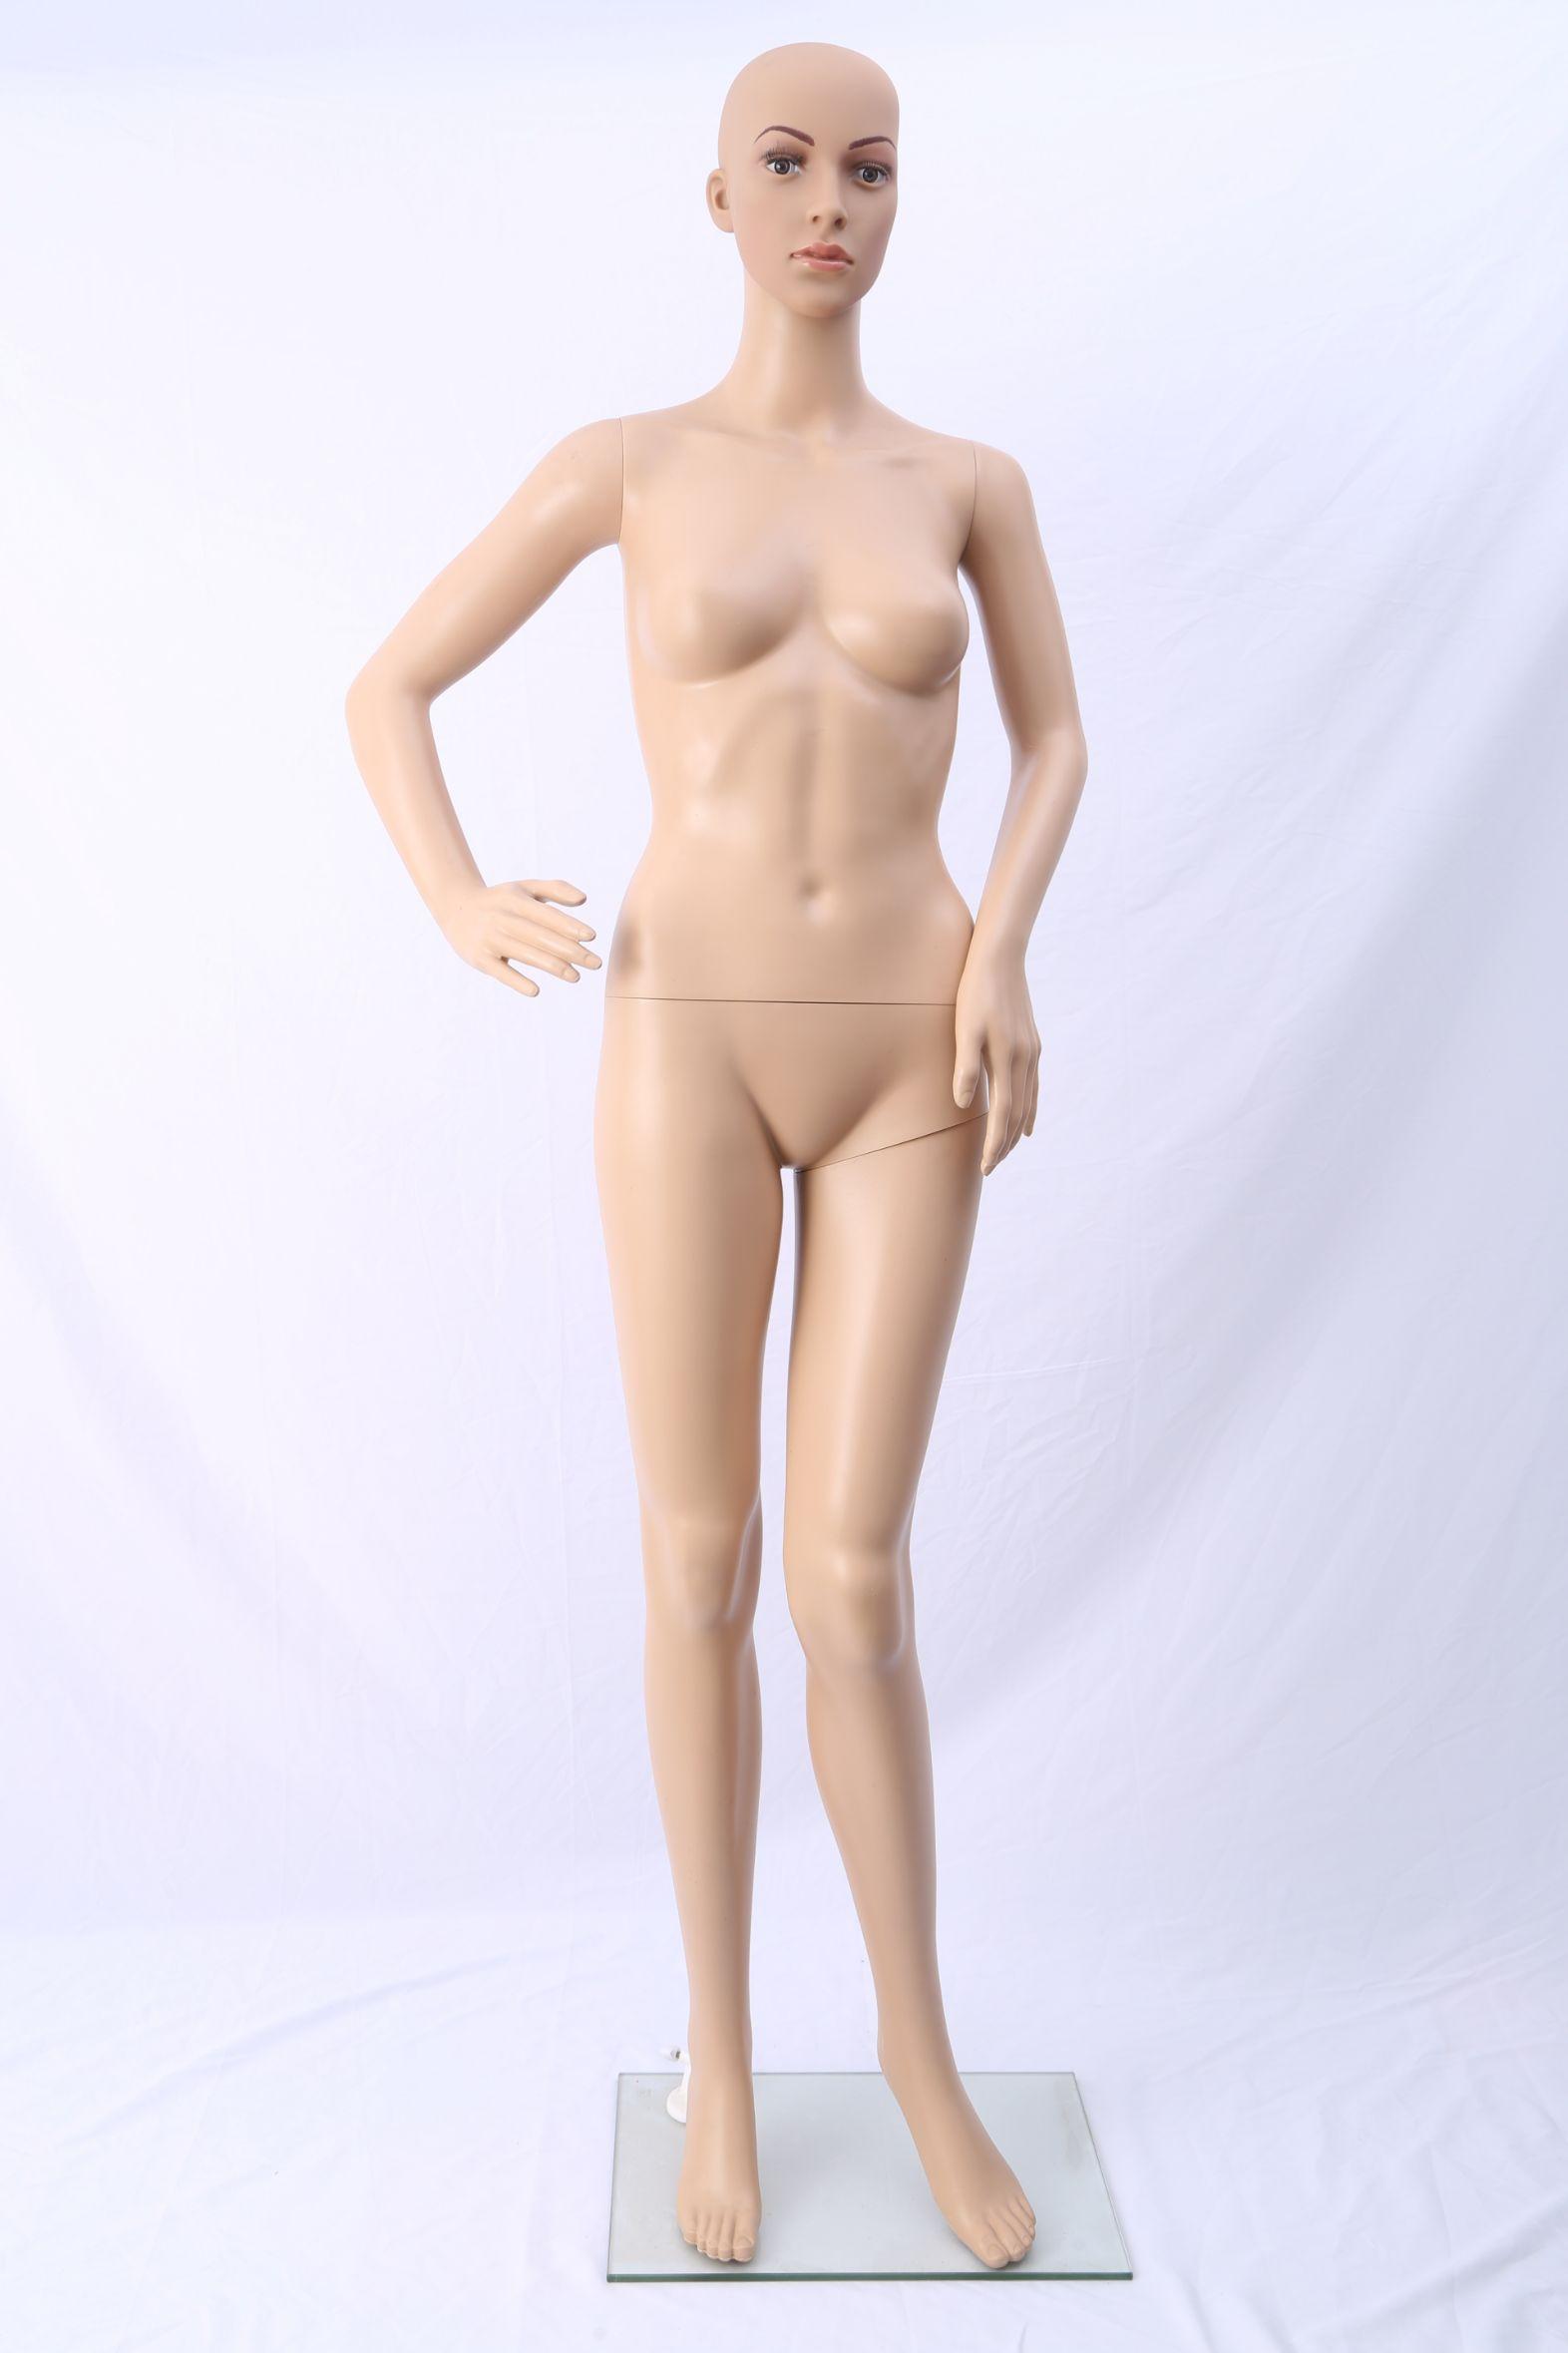 女模特道具性感大胸成人内衣店化妆女全身内衣人体模特厂家直销